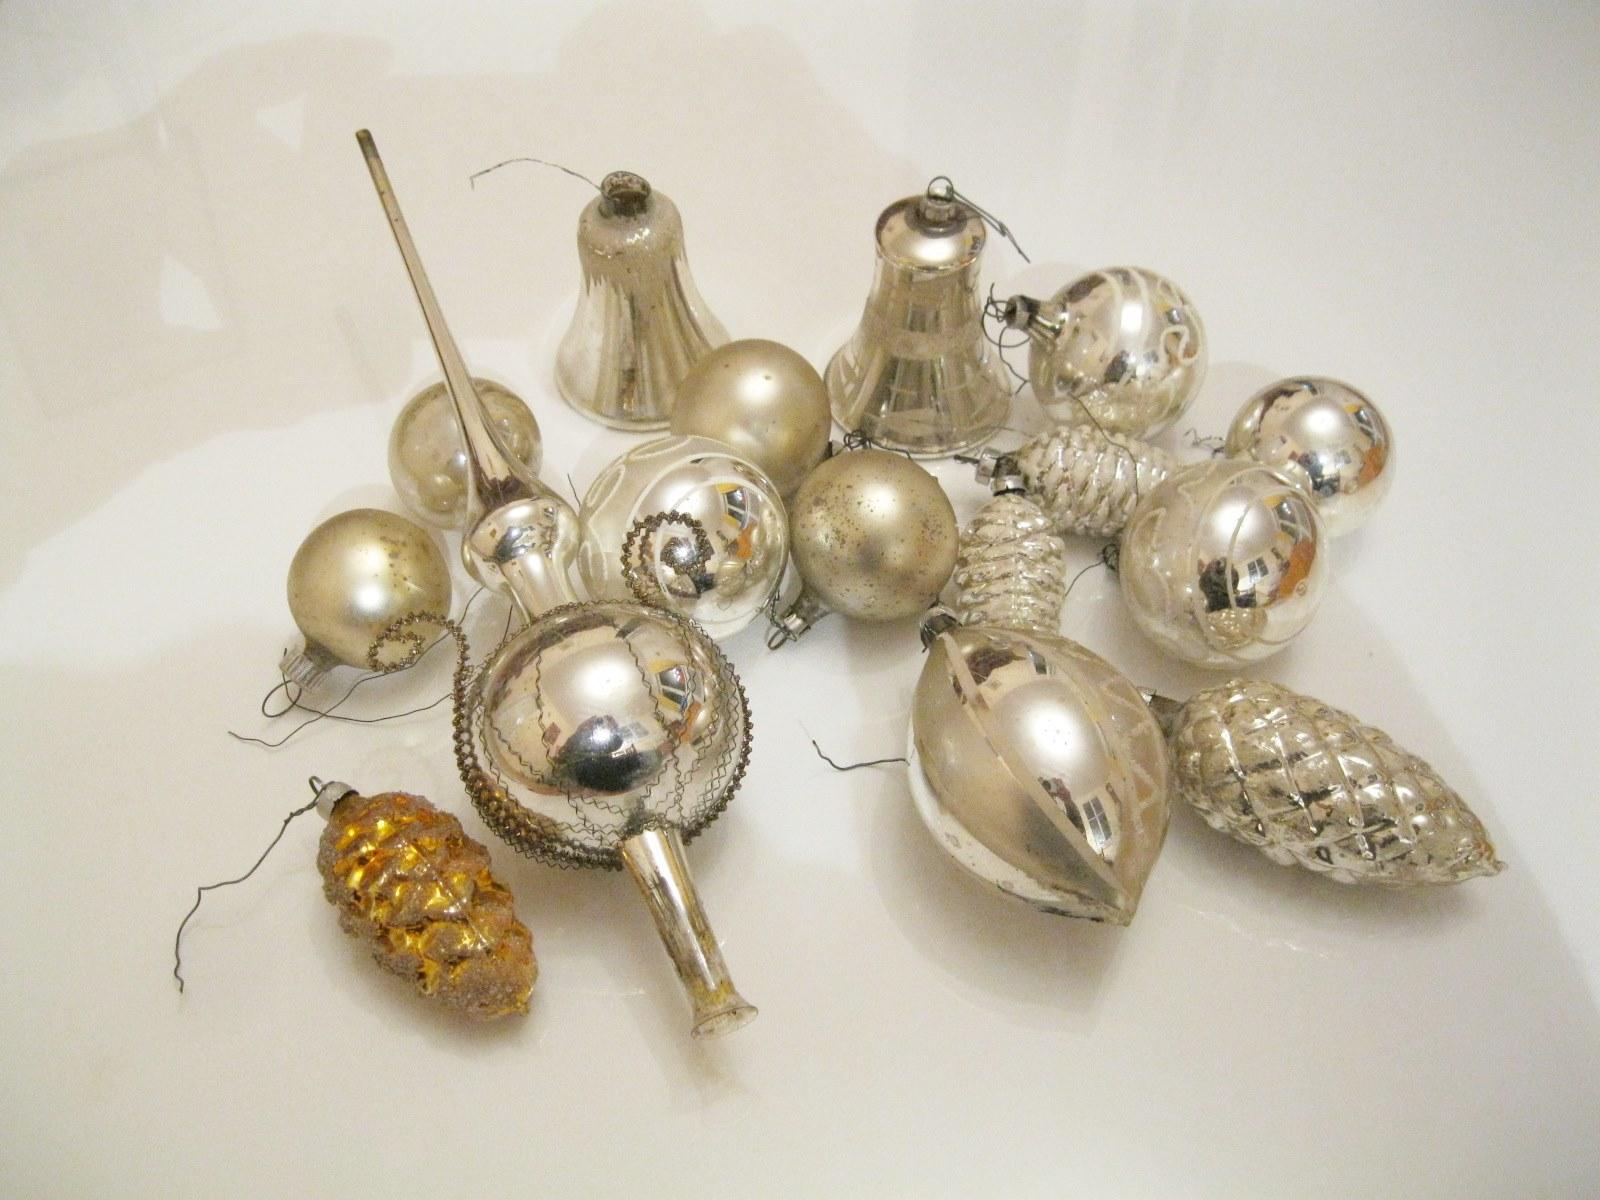 16 Teile Alter Christbaumschmuck Kugeln Glocken Zapfen